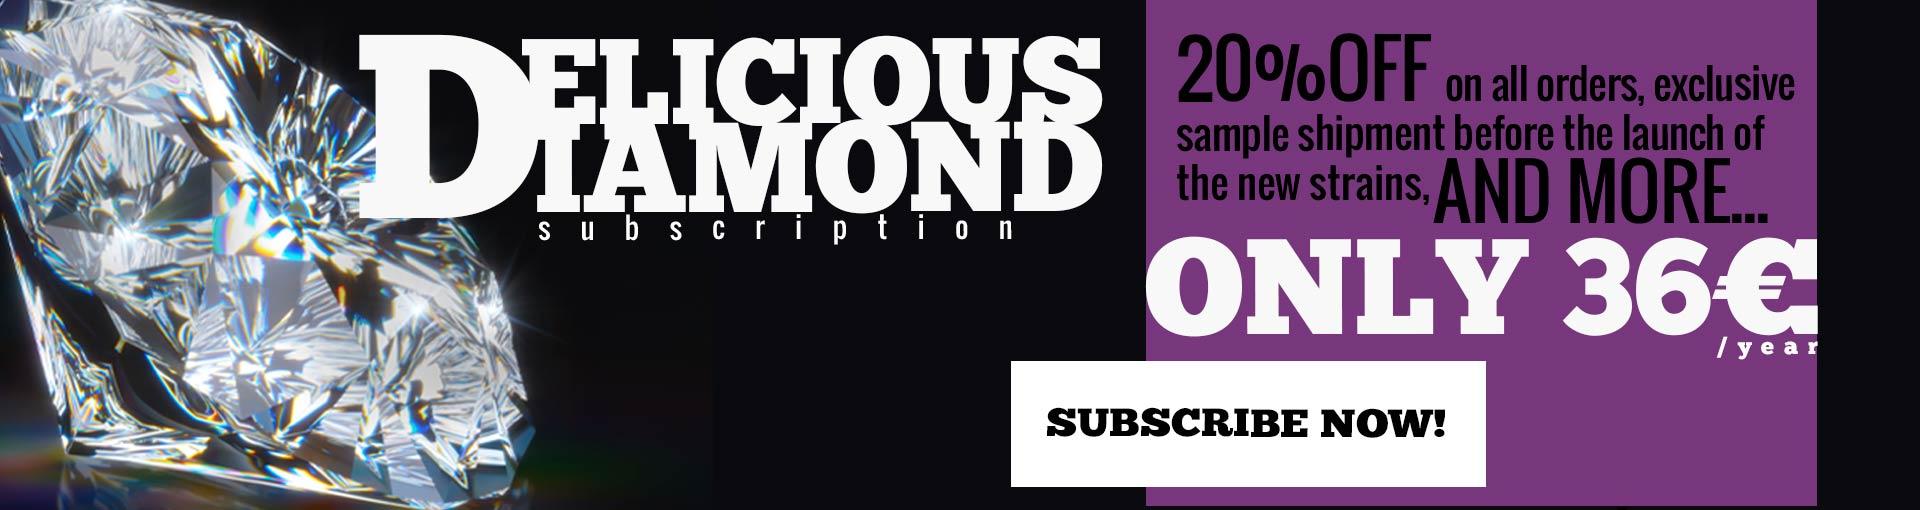 Diamond Subscription